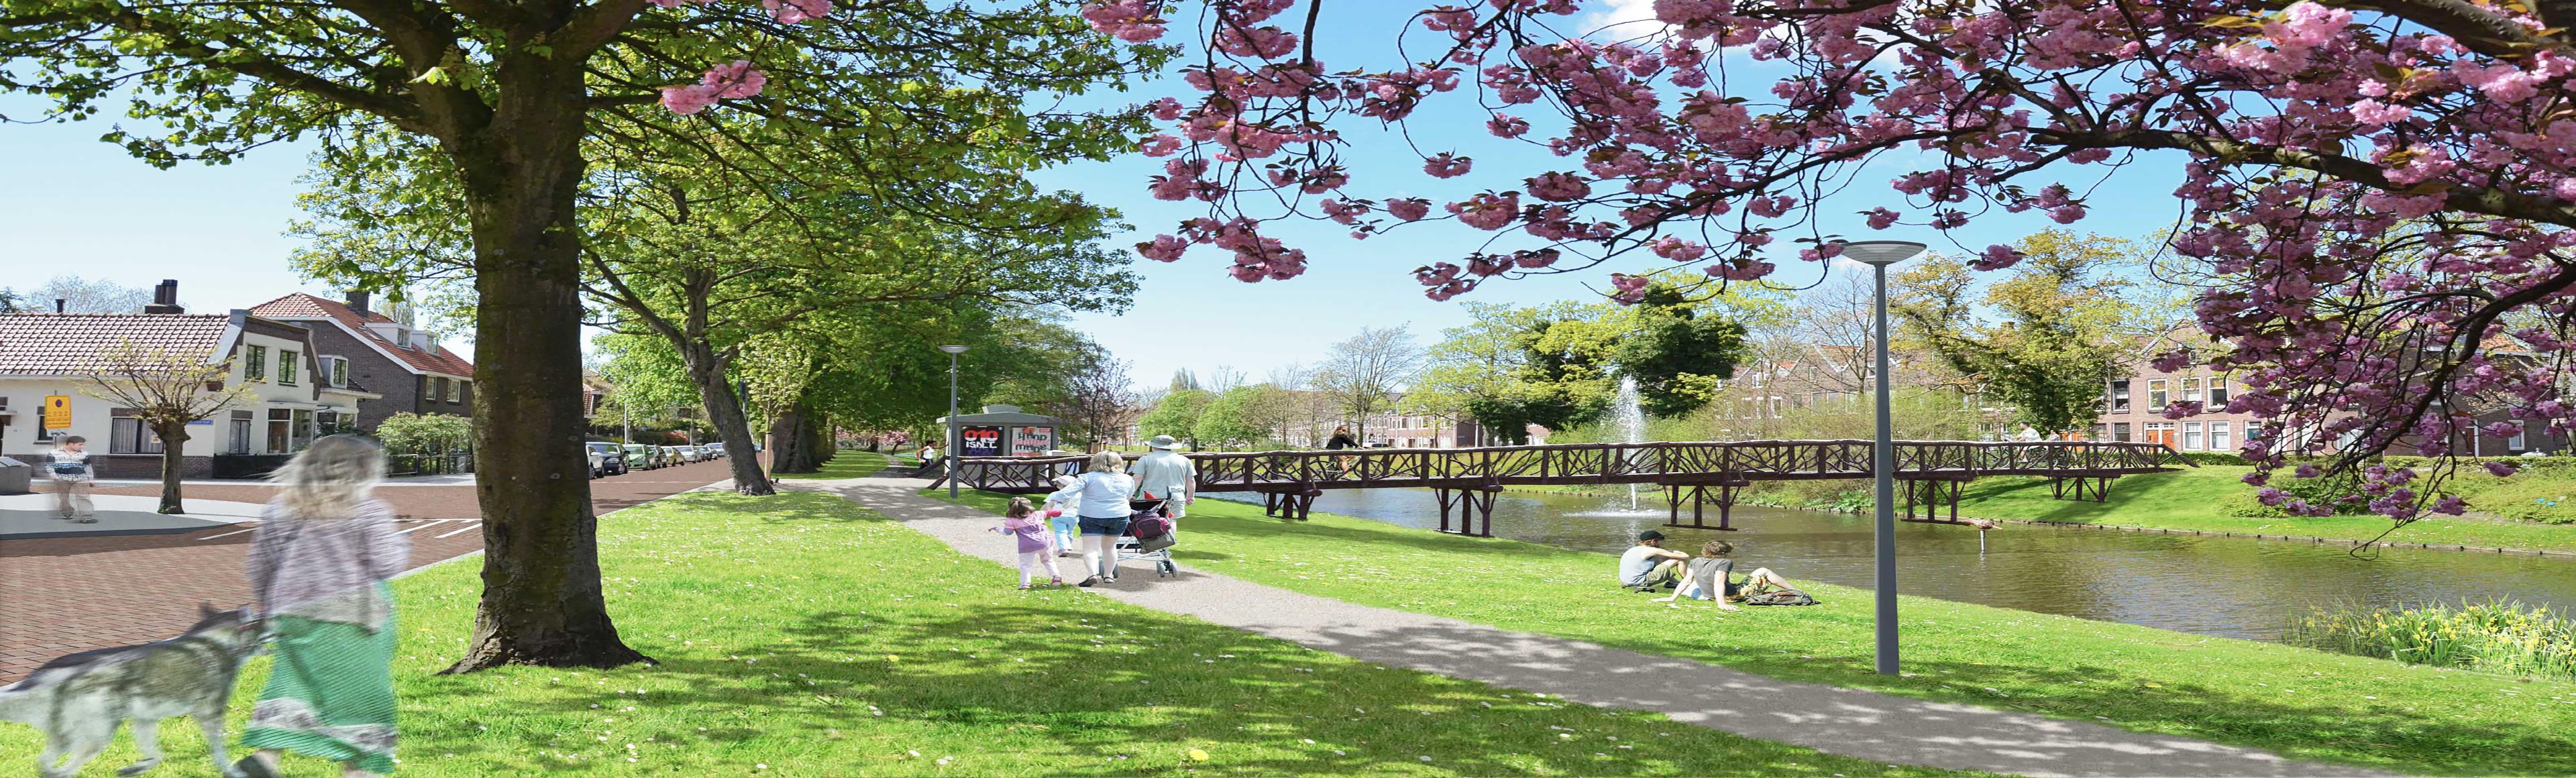 Hoe beleef jij jouw straat, plein, park, dorp of stad?